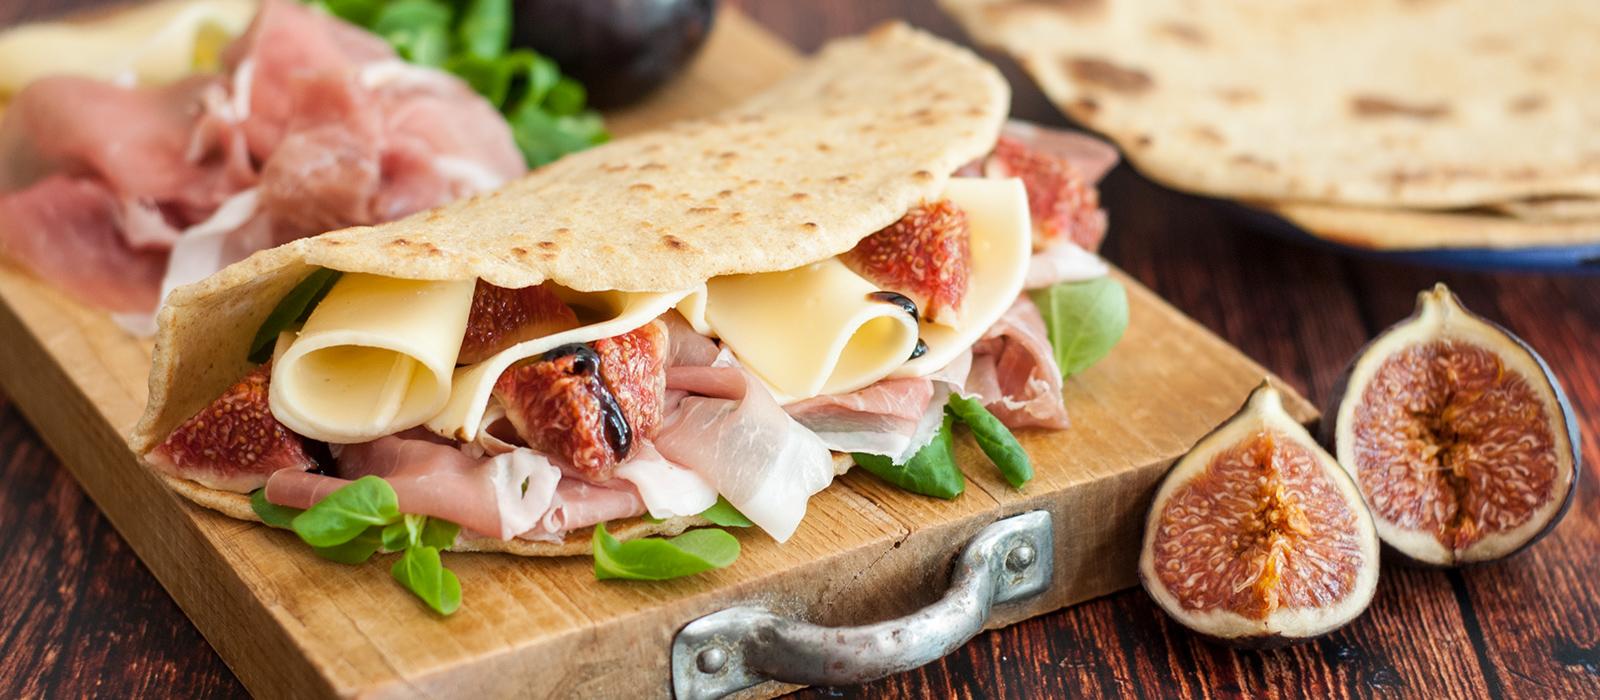 Rezept für Piadina mit Käse, Schinken und Feigen